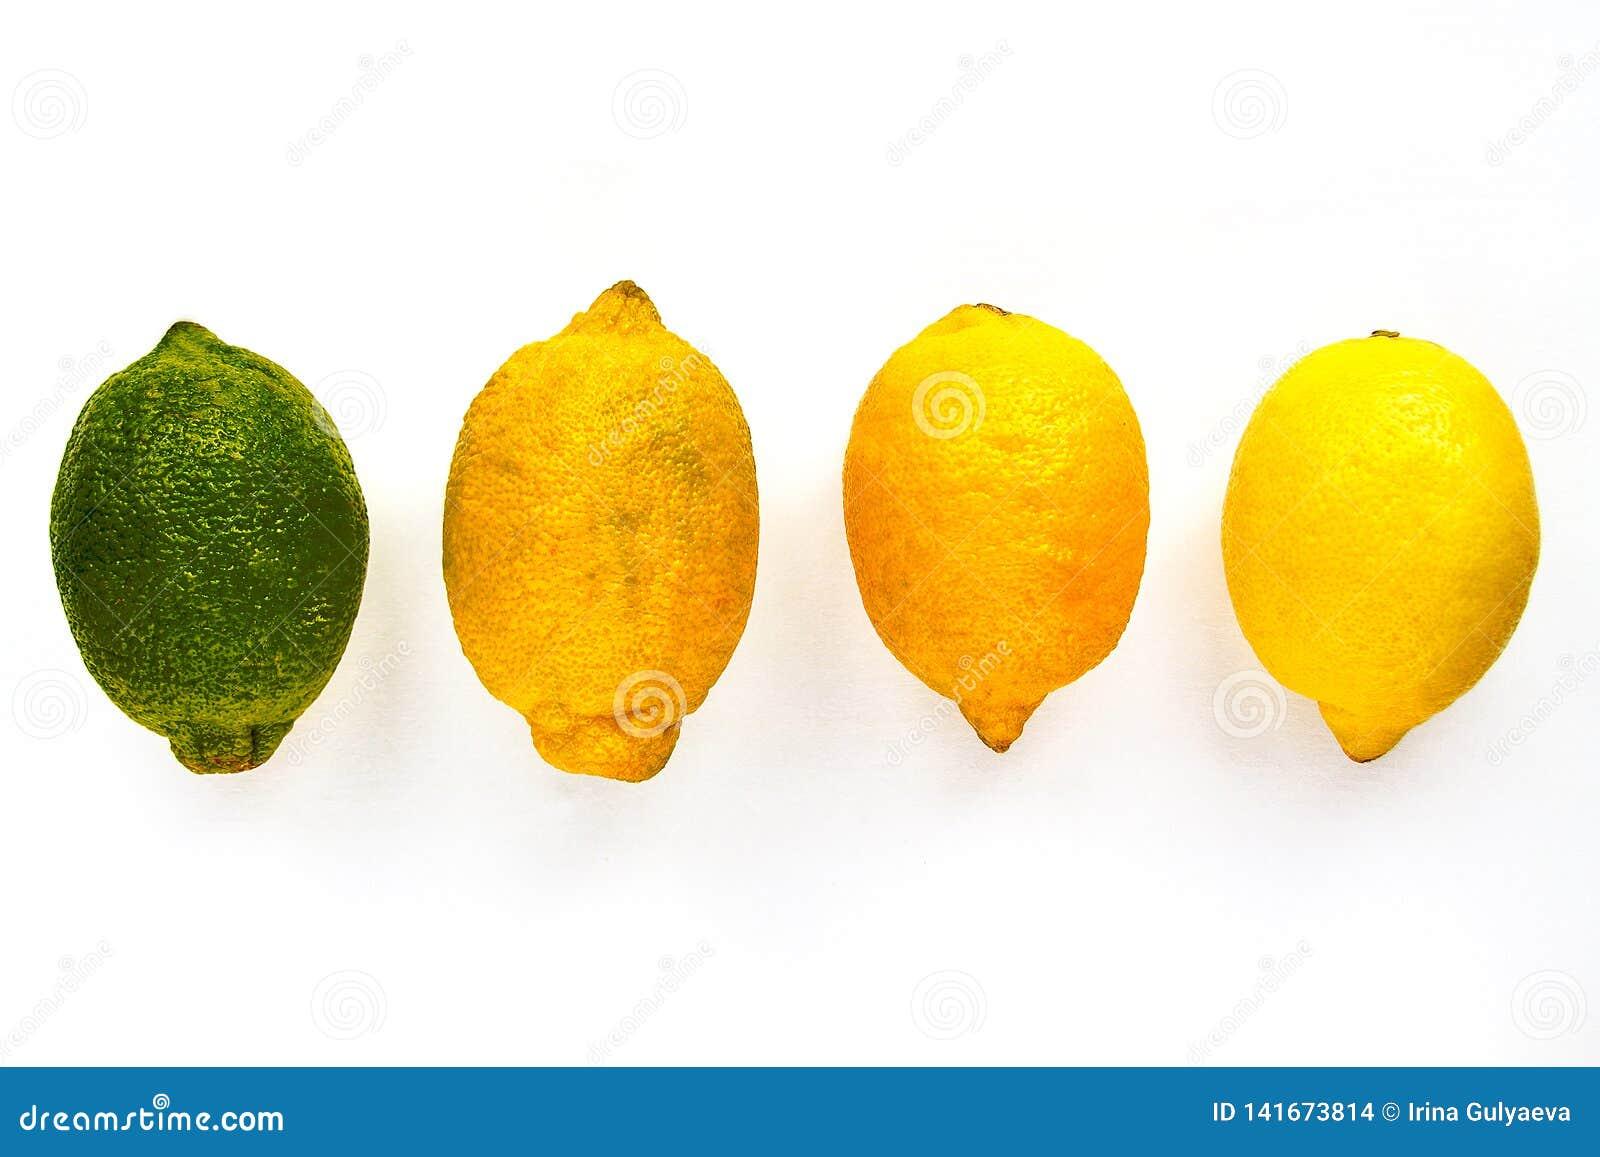 Τέσσερα λεμόνια της διαφορετικής ωριμότητας βρίσκονται σε έναν πίνακα ή σε ένα άσπρο υπόβαθρο